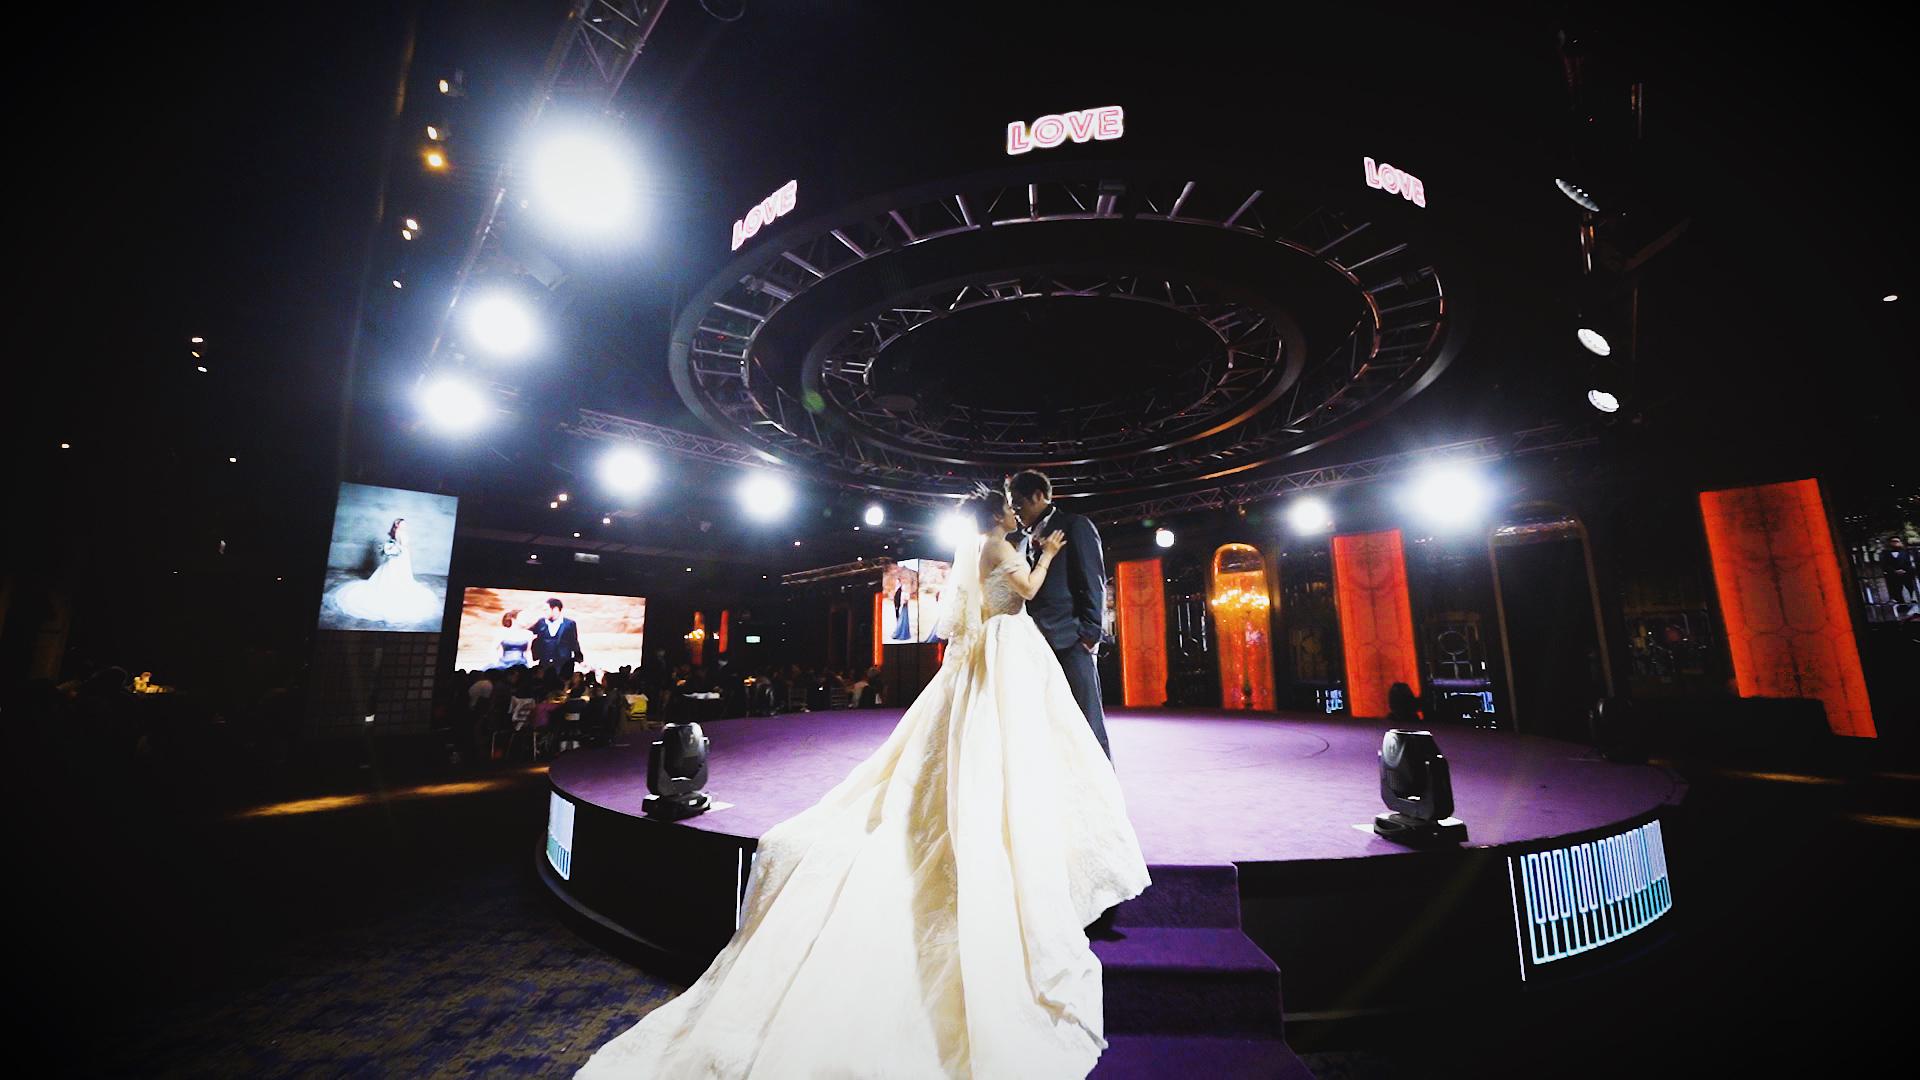 Todd & Anna Wedding Mv 新莊頤品 v2.00_07_00_23.Still001